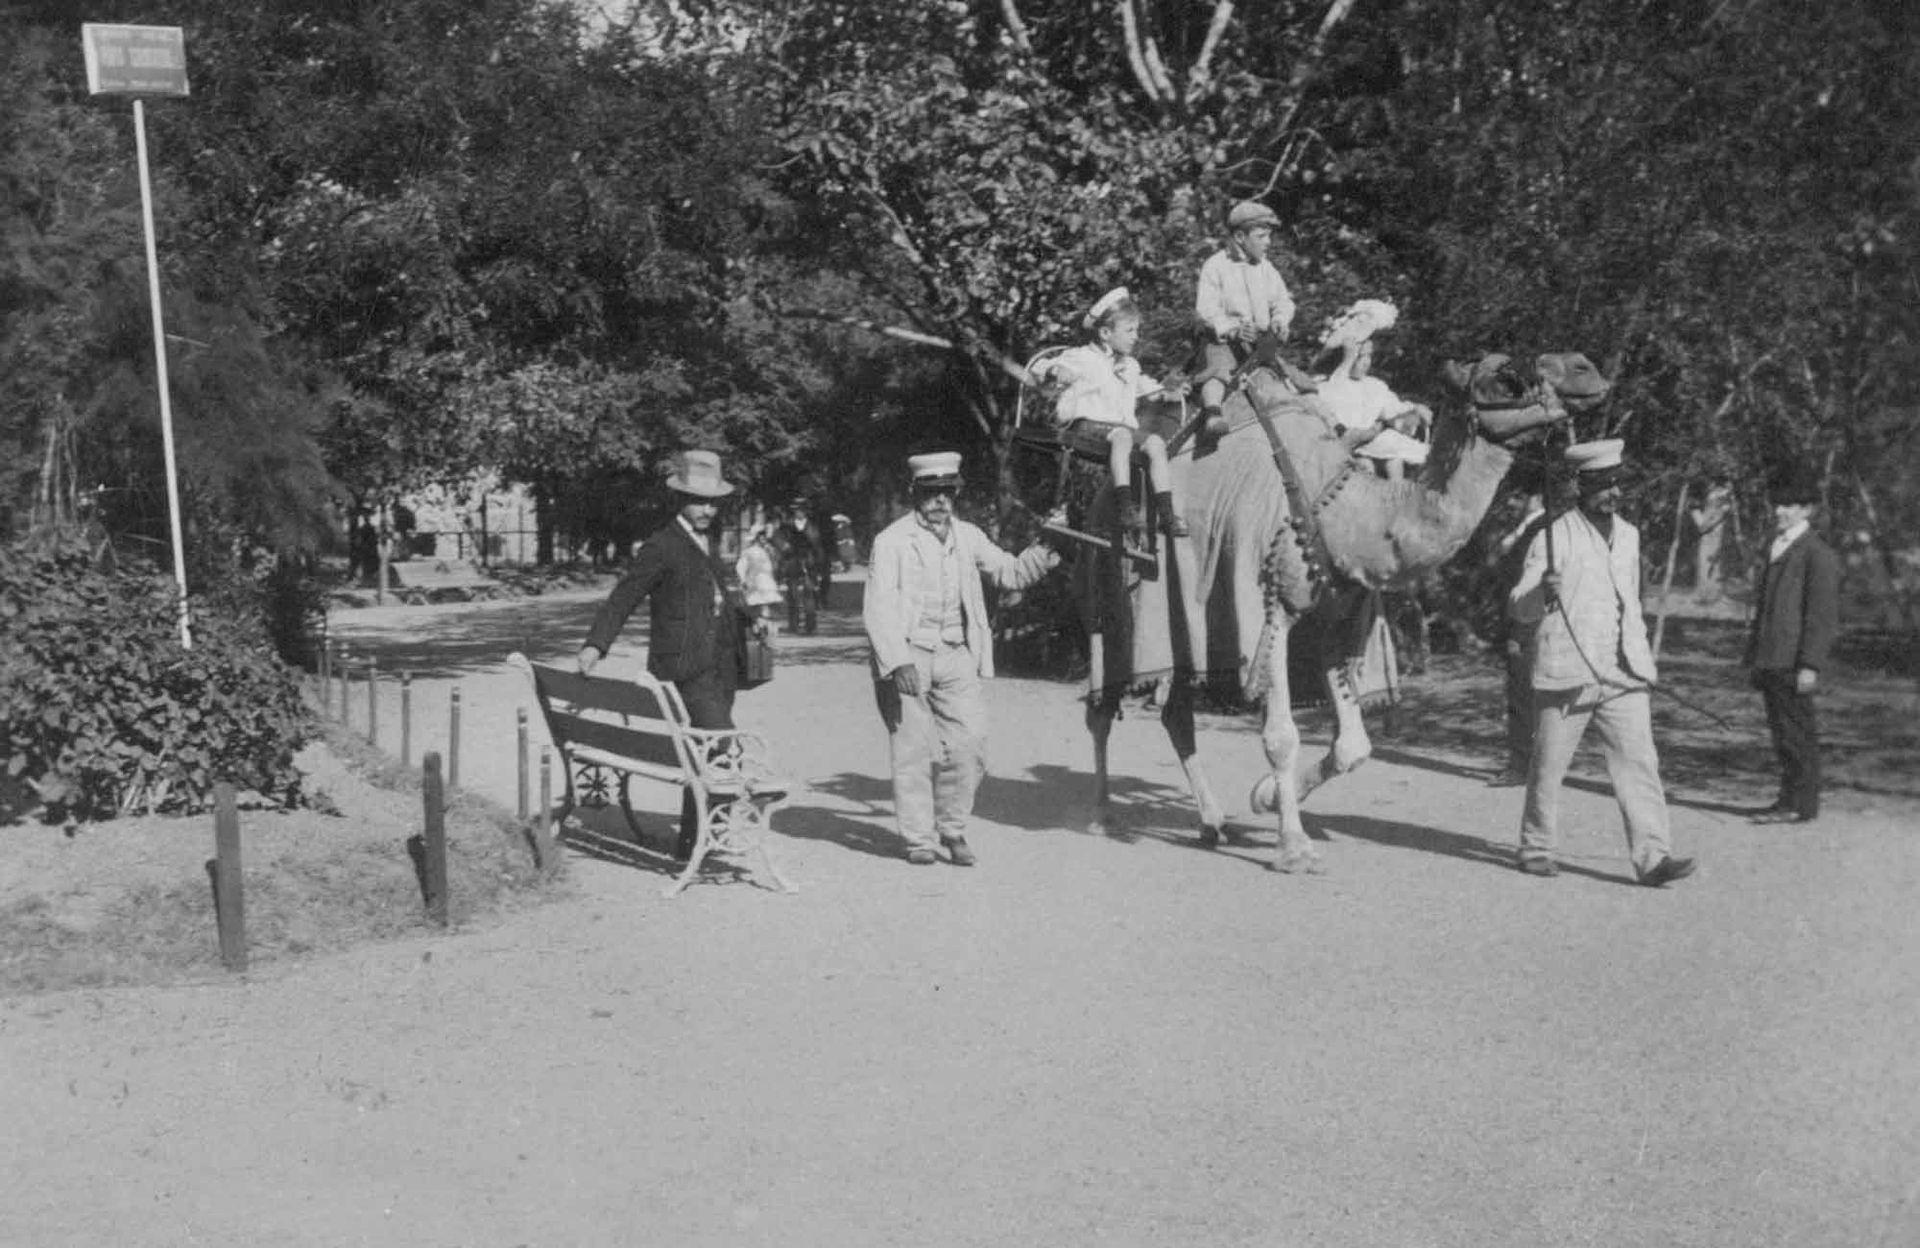 De paseo en camello por el Zoológico de Buenos Aires.